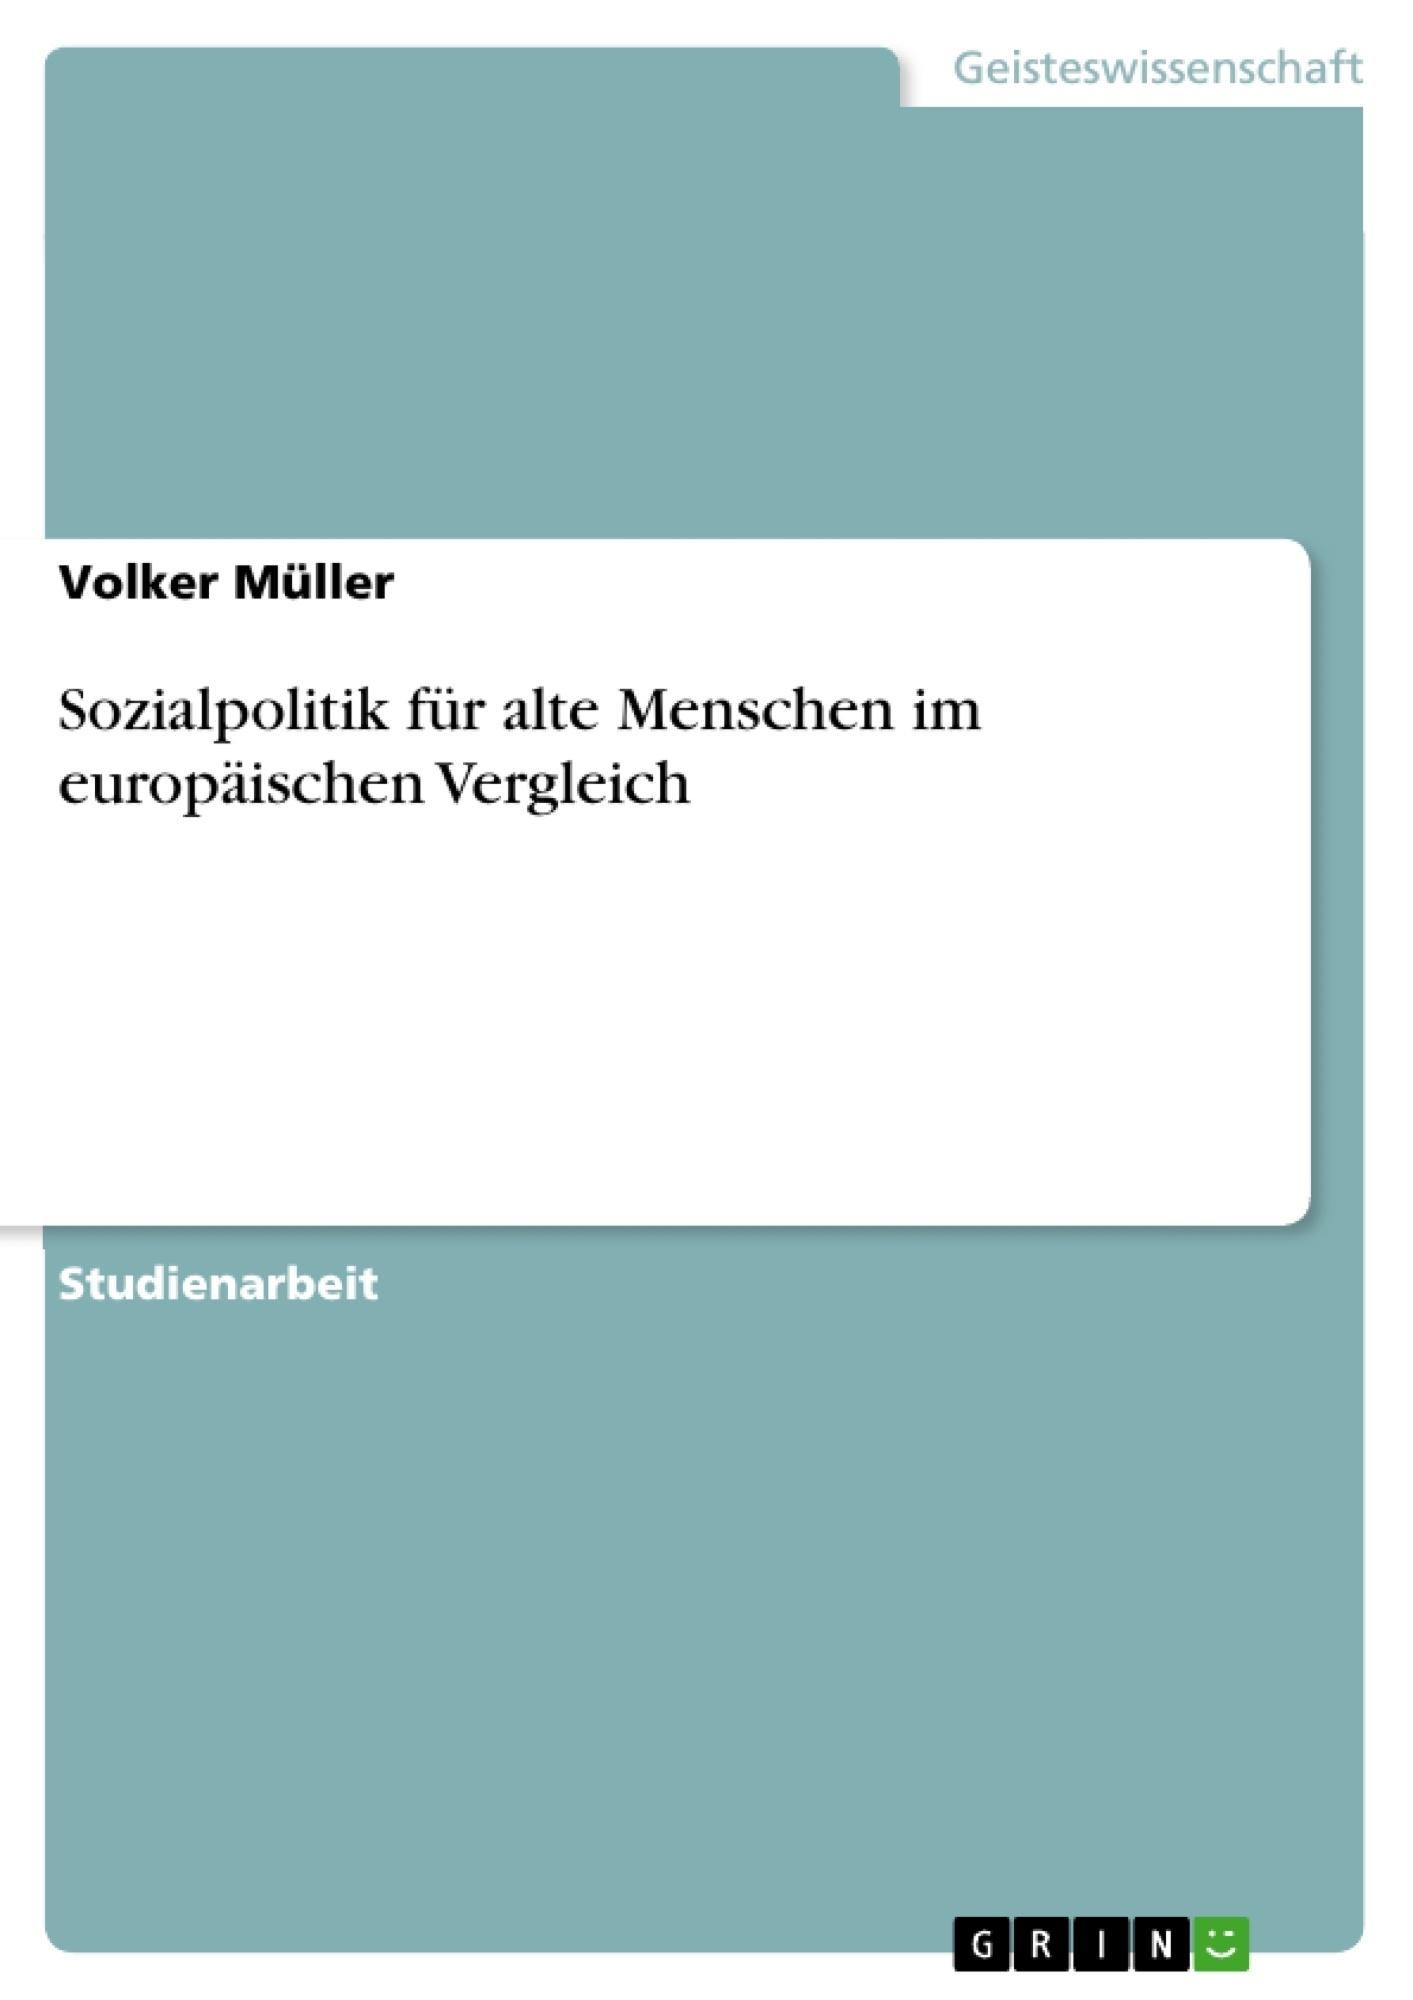 Titel: Sozialpolitik für alte Menschen im europäischen Vergleich